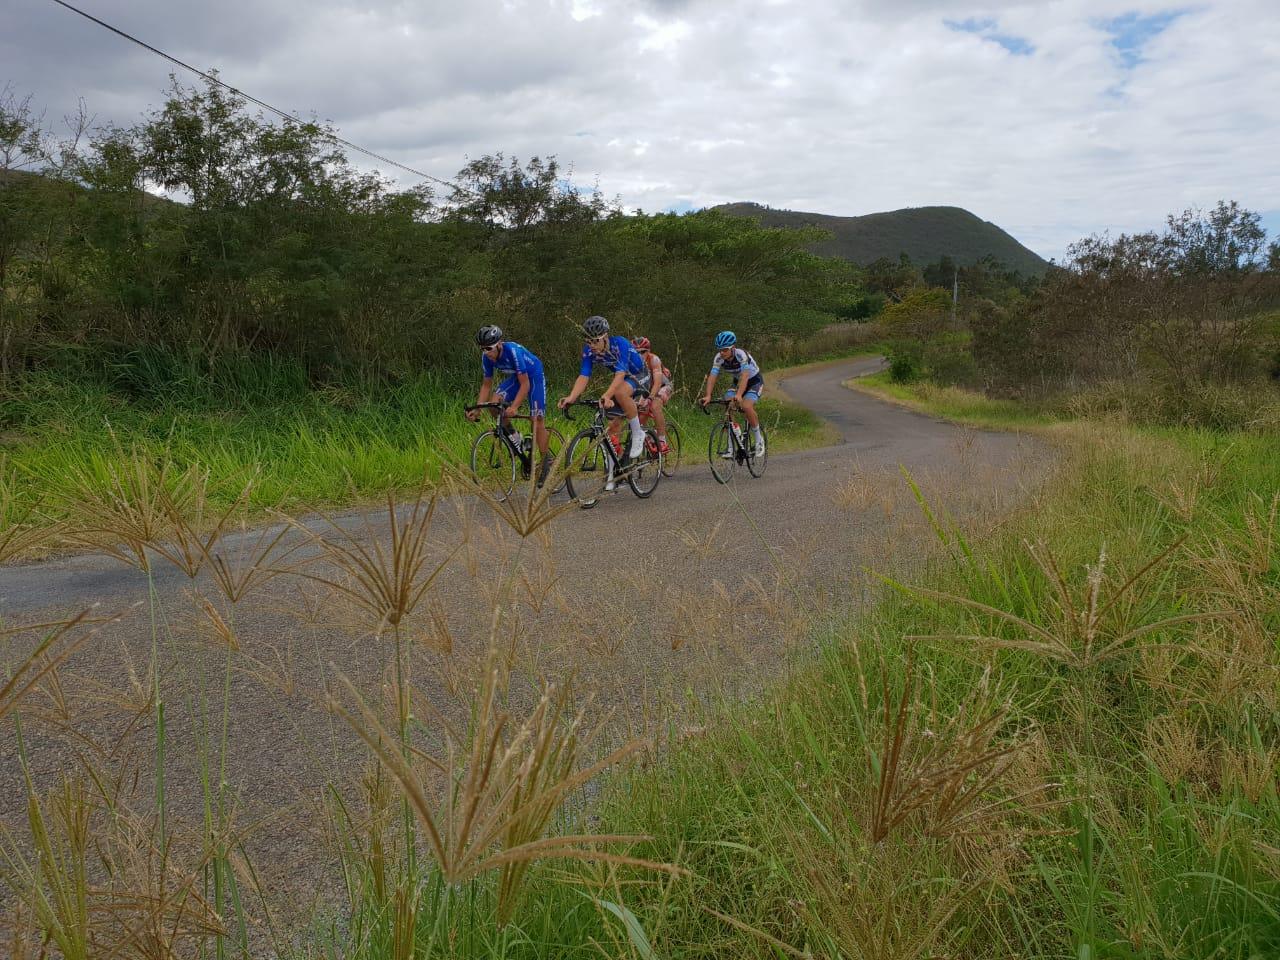 I ragazzi in allenamento sulle strade della Nuova Caledonia